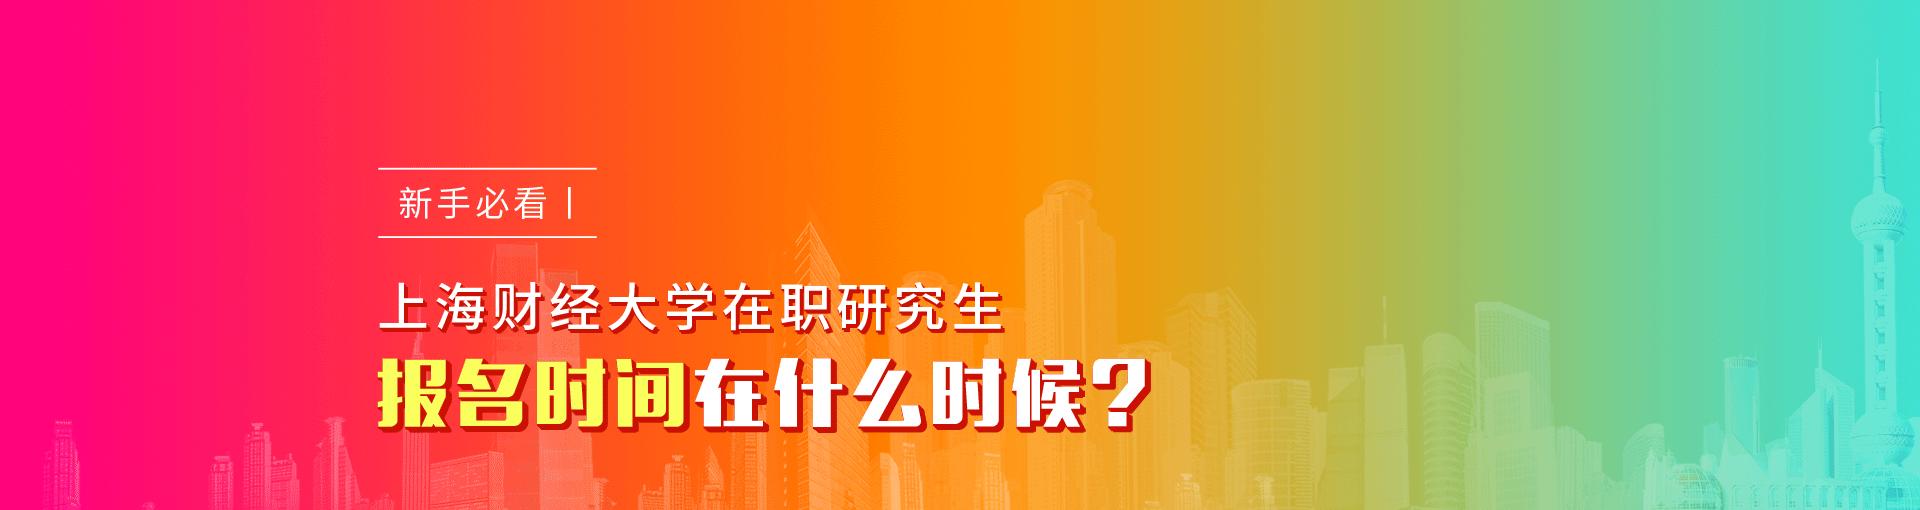 2019年上海财经大学在职研究生报名时间是什么时候?